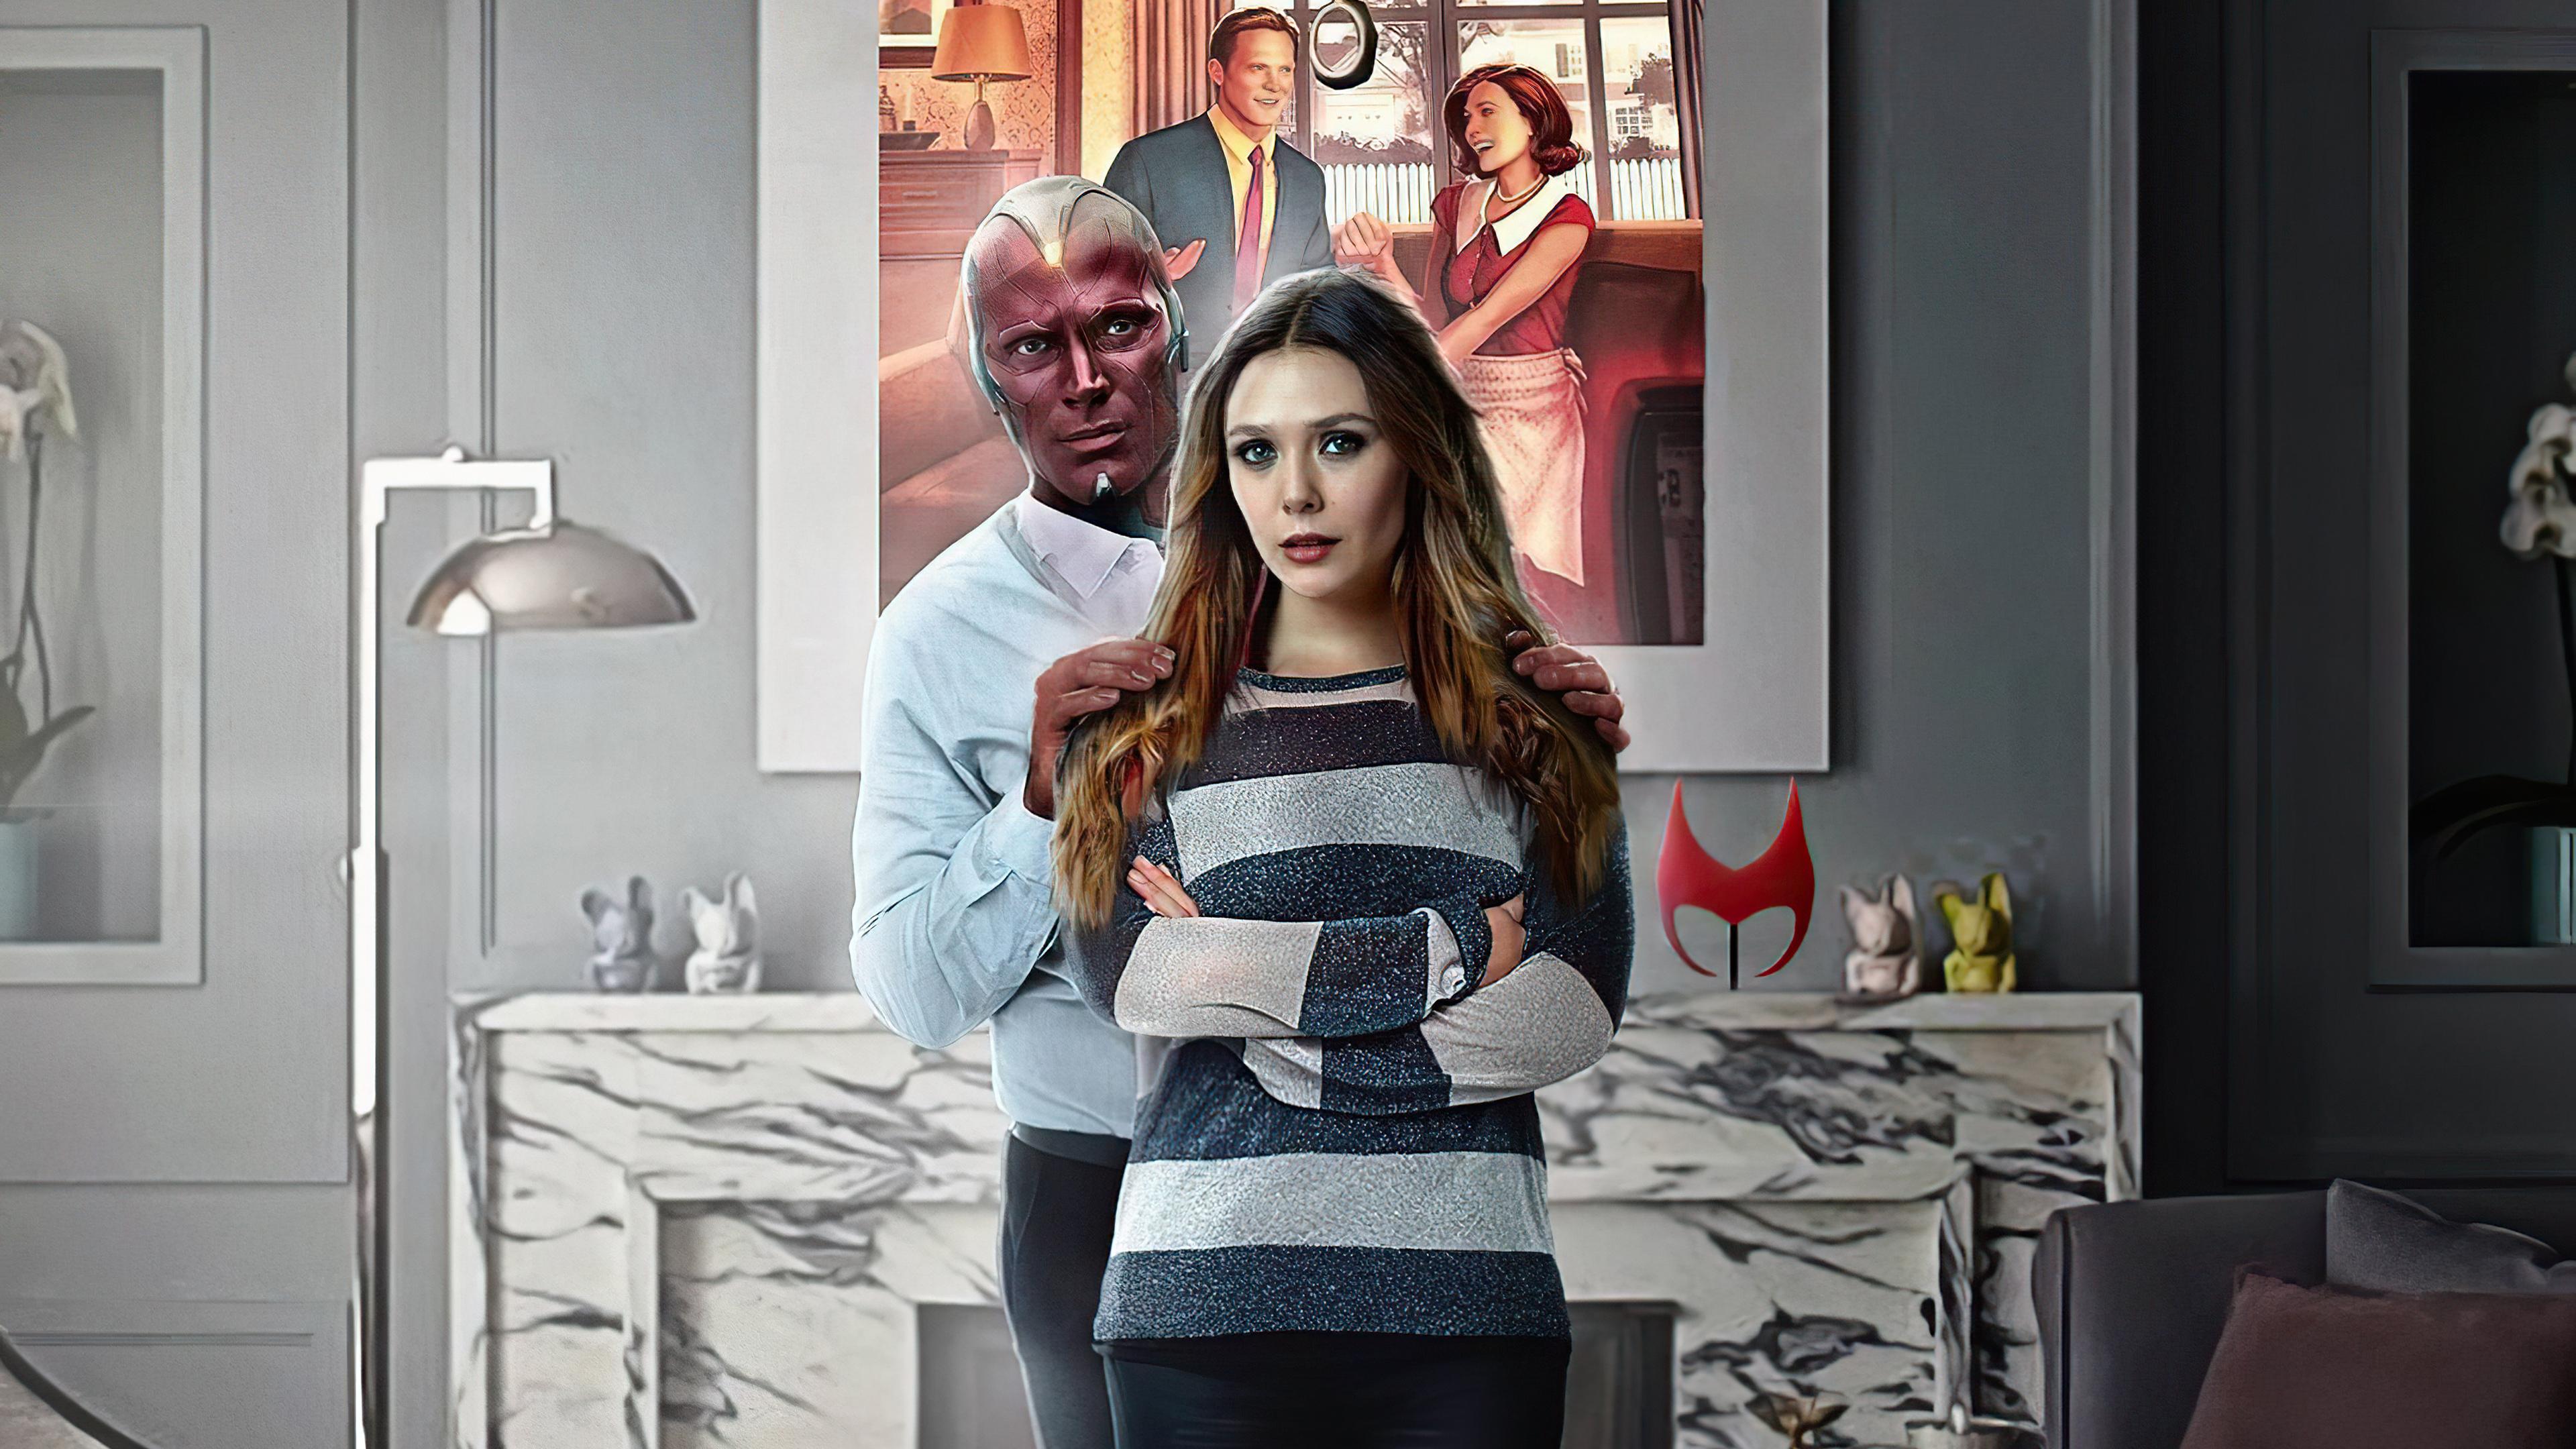 Wallpaper Wanda and Vision